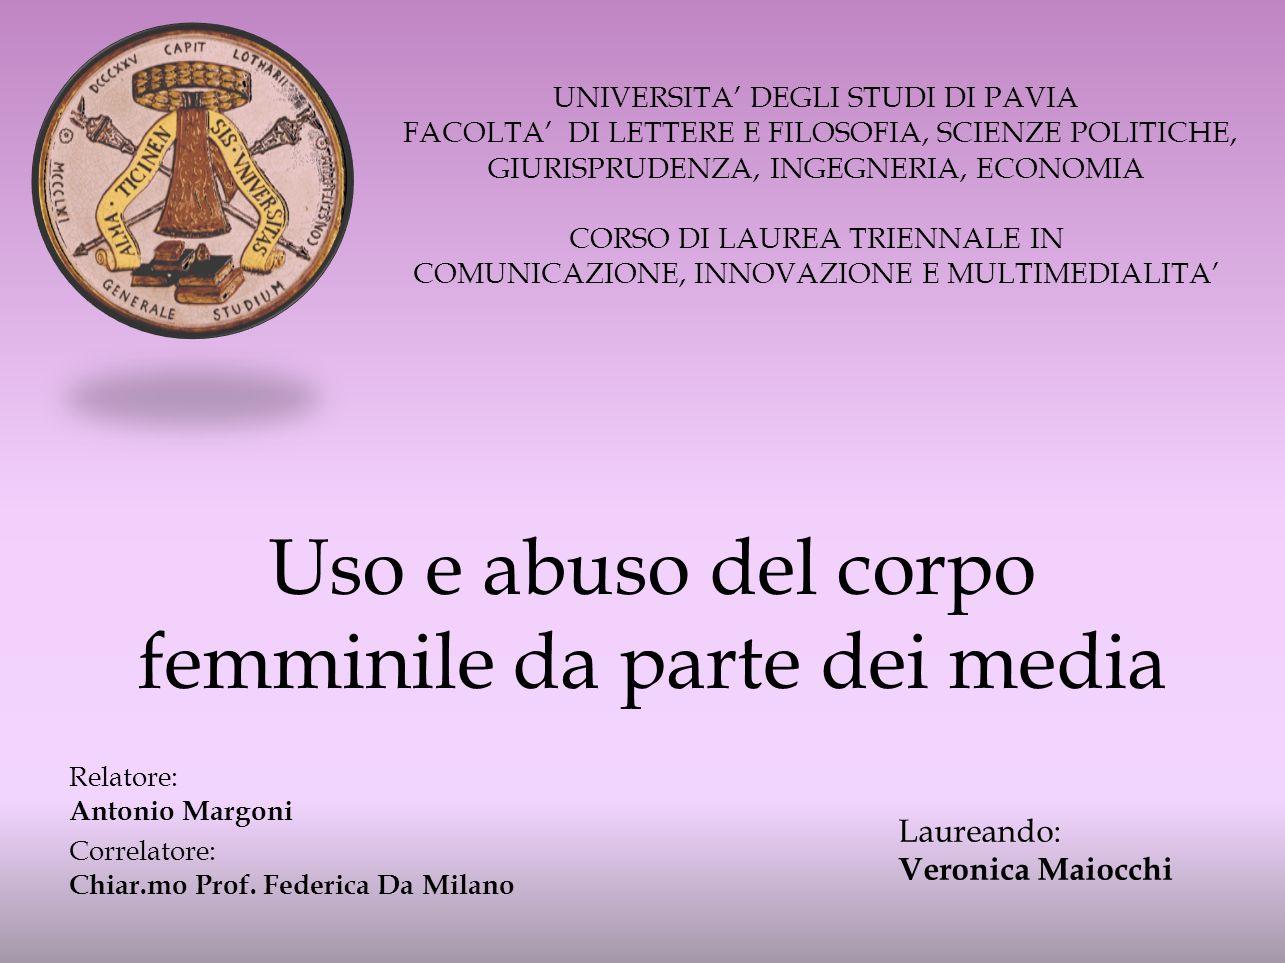 Uso e abuso del corpo femminile da parte dei media UNIVERSITA DEGLI STUDI DI PAVIA FACOLTA DI LETTERE E FILOSOFIA, SCIENZE POLITICHE, GIURISPRUDENZA, INGEGNERIA, ECONOMIA CORSO DI LAUREA TRIENNALE IN COMUNICAZIONE, INNOVAZIONE E MULTIMEDIALITA Laureando: Veronica Maiocchi Relatore: Antonio Margoni Correlatore: Chiar.mo Prof.